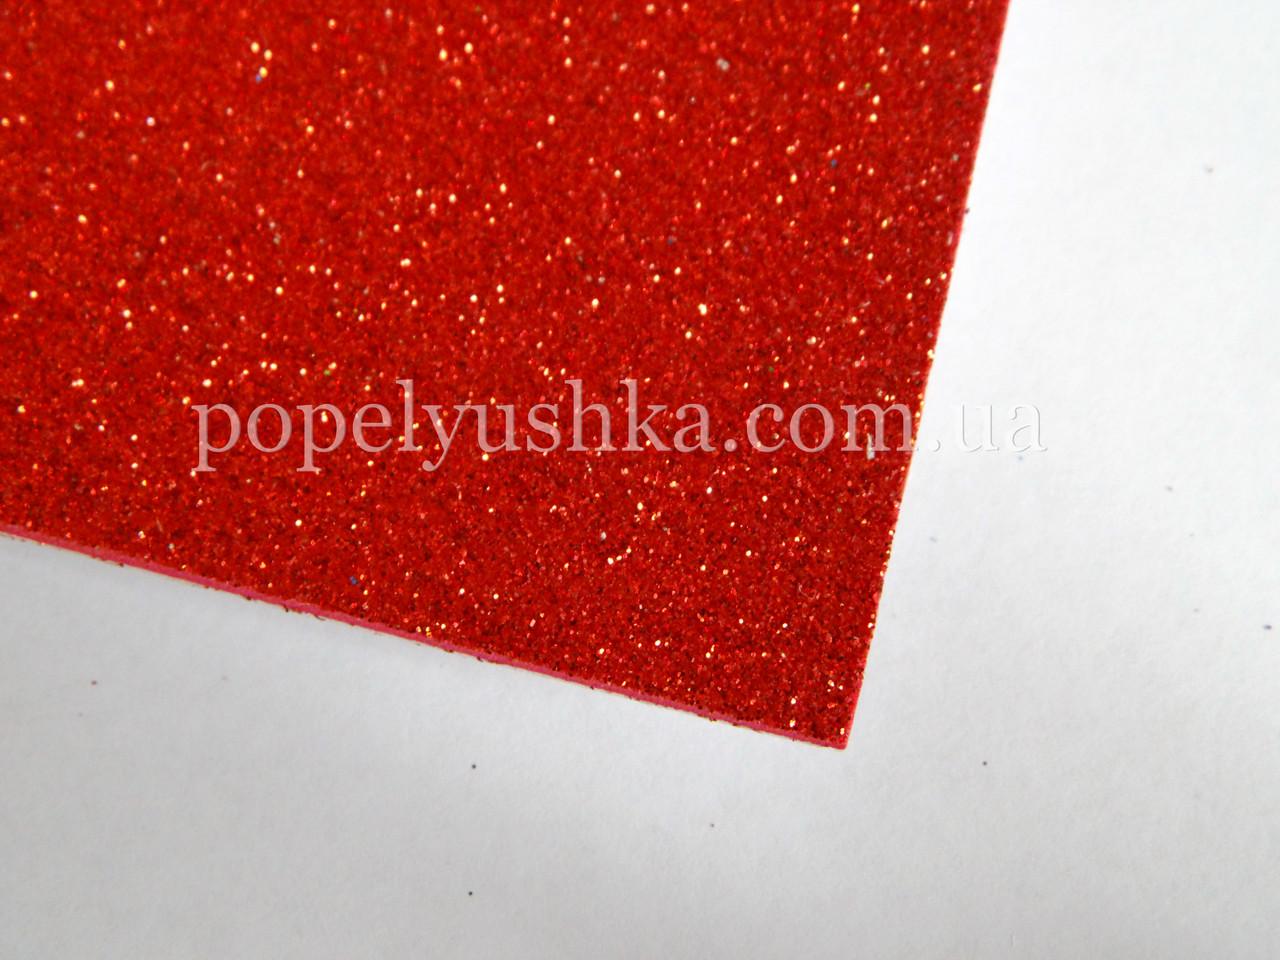 Фоам 2 мм 20*30 см на клейовій основі з глітером  червоний